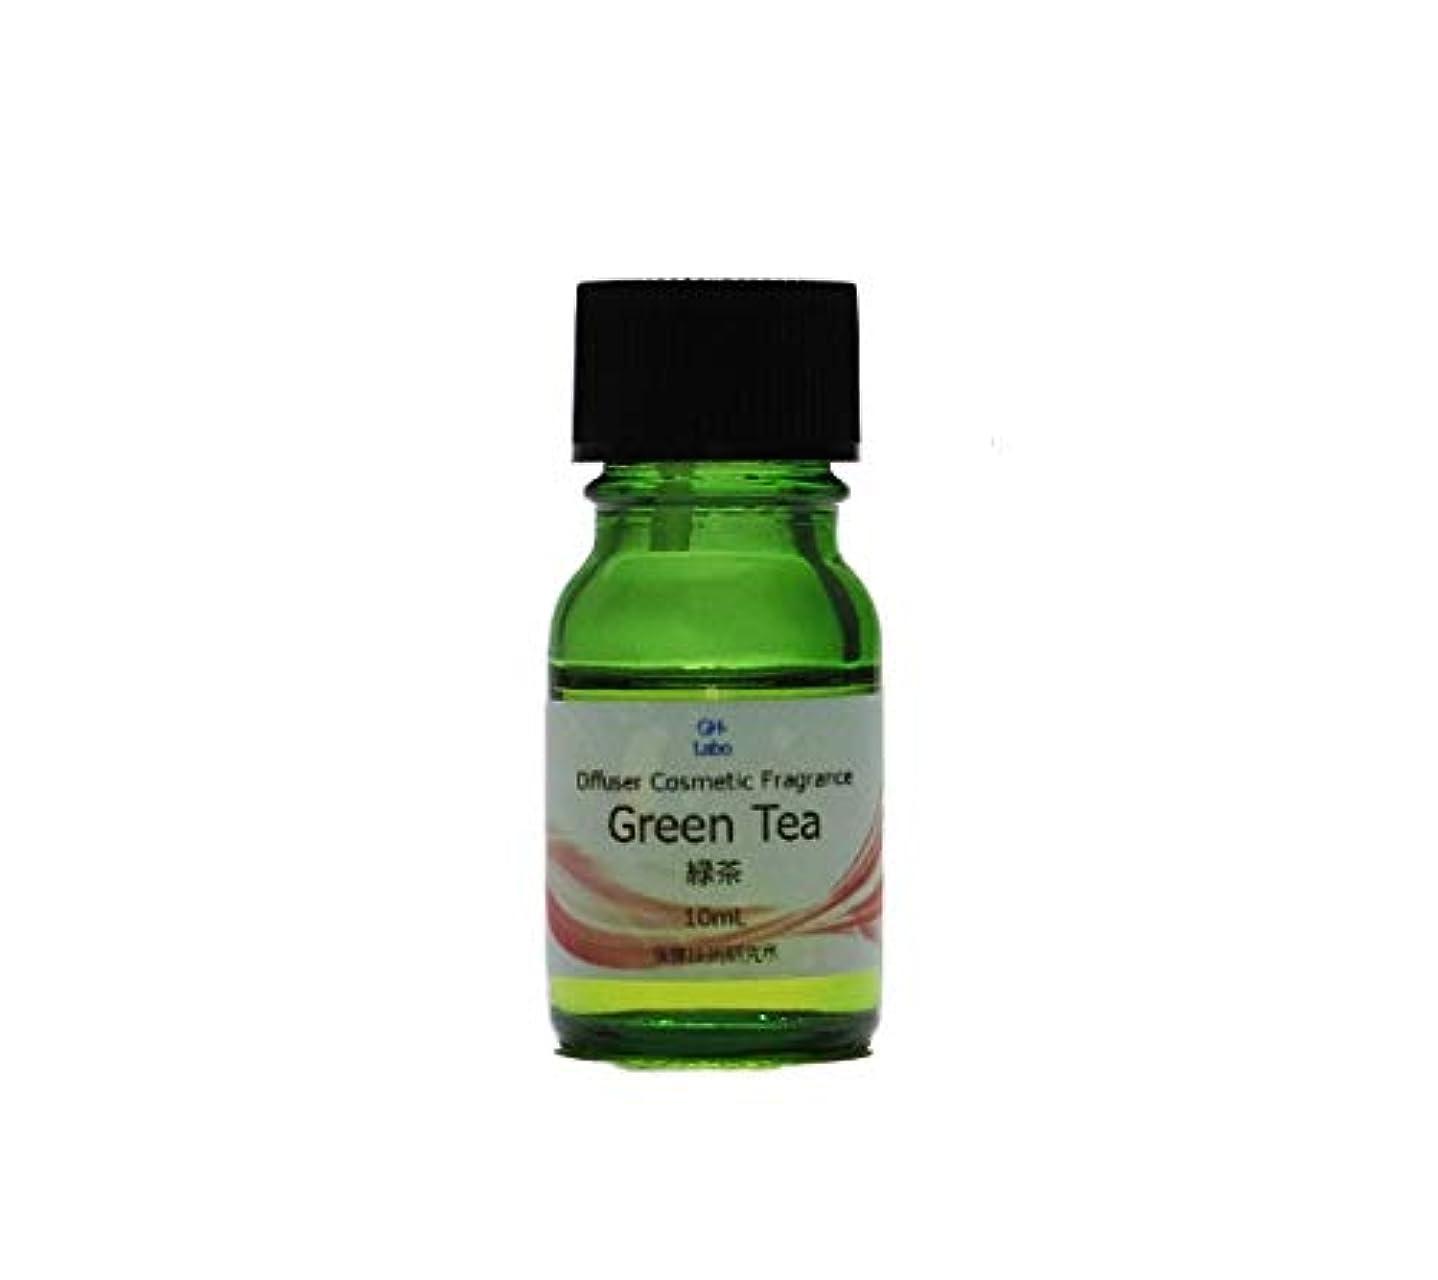 気晴らしテーブルバッフル緑茶 フレグランス 香料 ディフューザー アロマオイル 手作り 化粧品